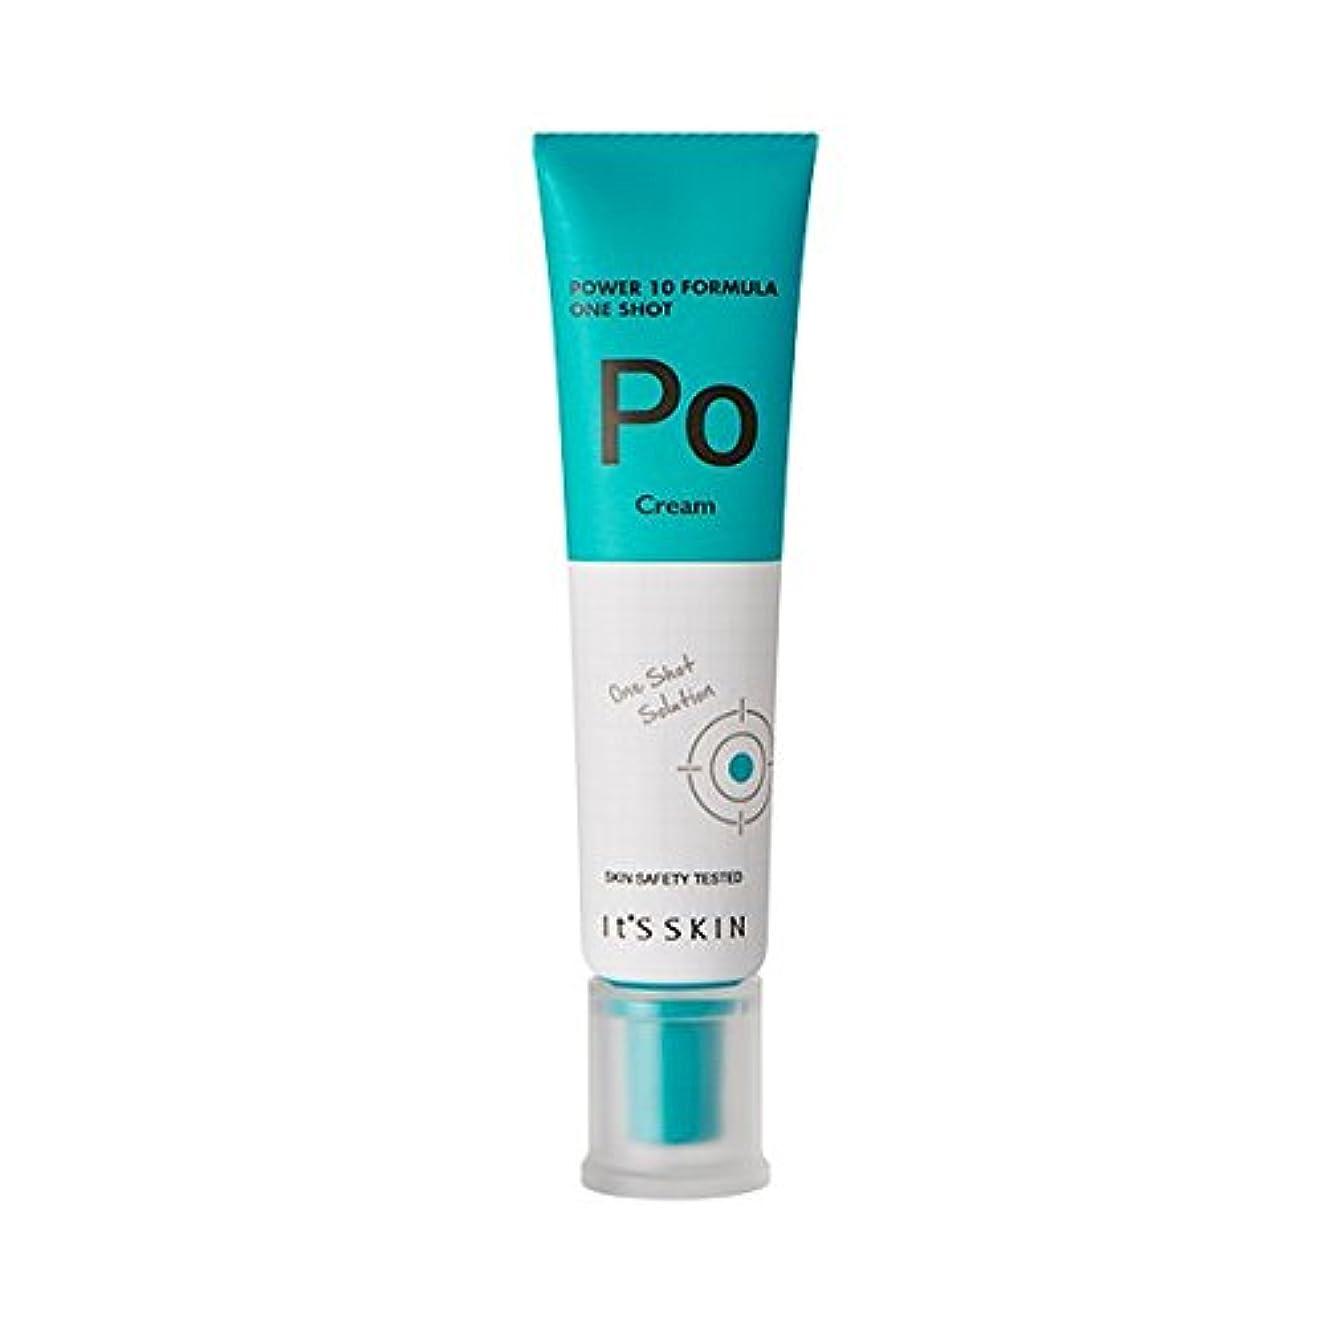 取り出すこどもの宮殿根拠[New] It's Skin Power 10 Formula One Shot Cream (Po) / イッツスキンパワー10 フォーミュラワンショットクリーム [並行輸入品]